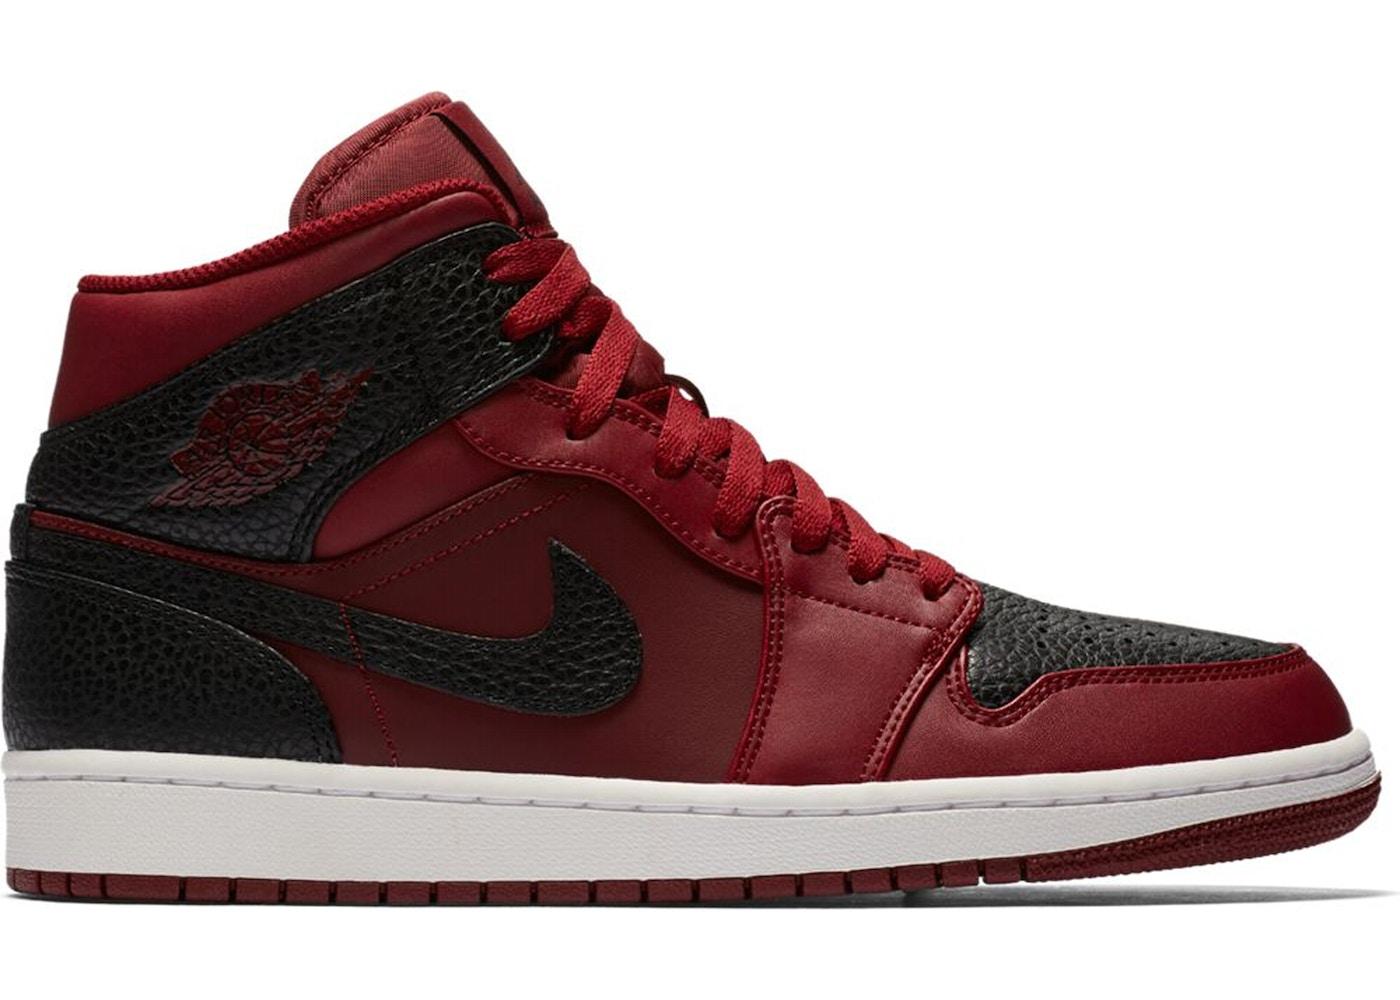 b1c7c55d439 Air Jordan 1 Size 13 Shoes - Volatility